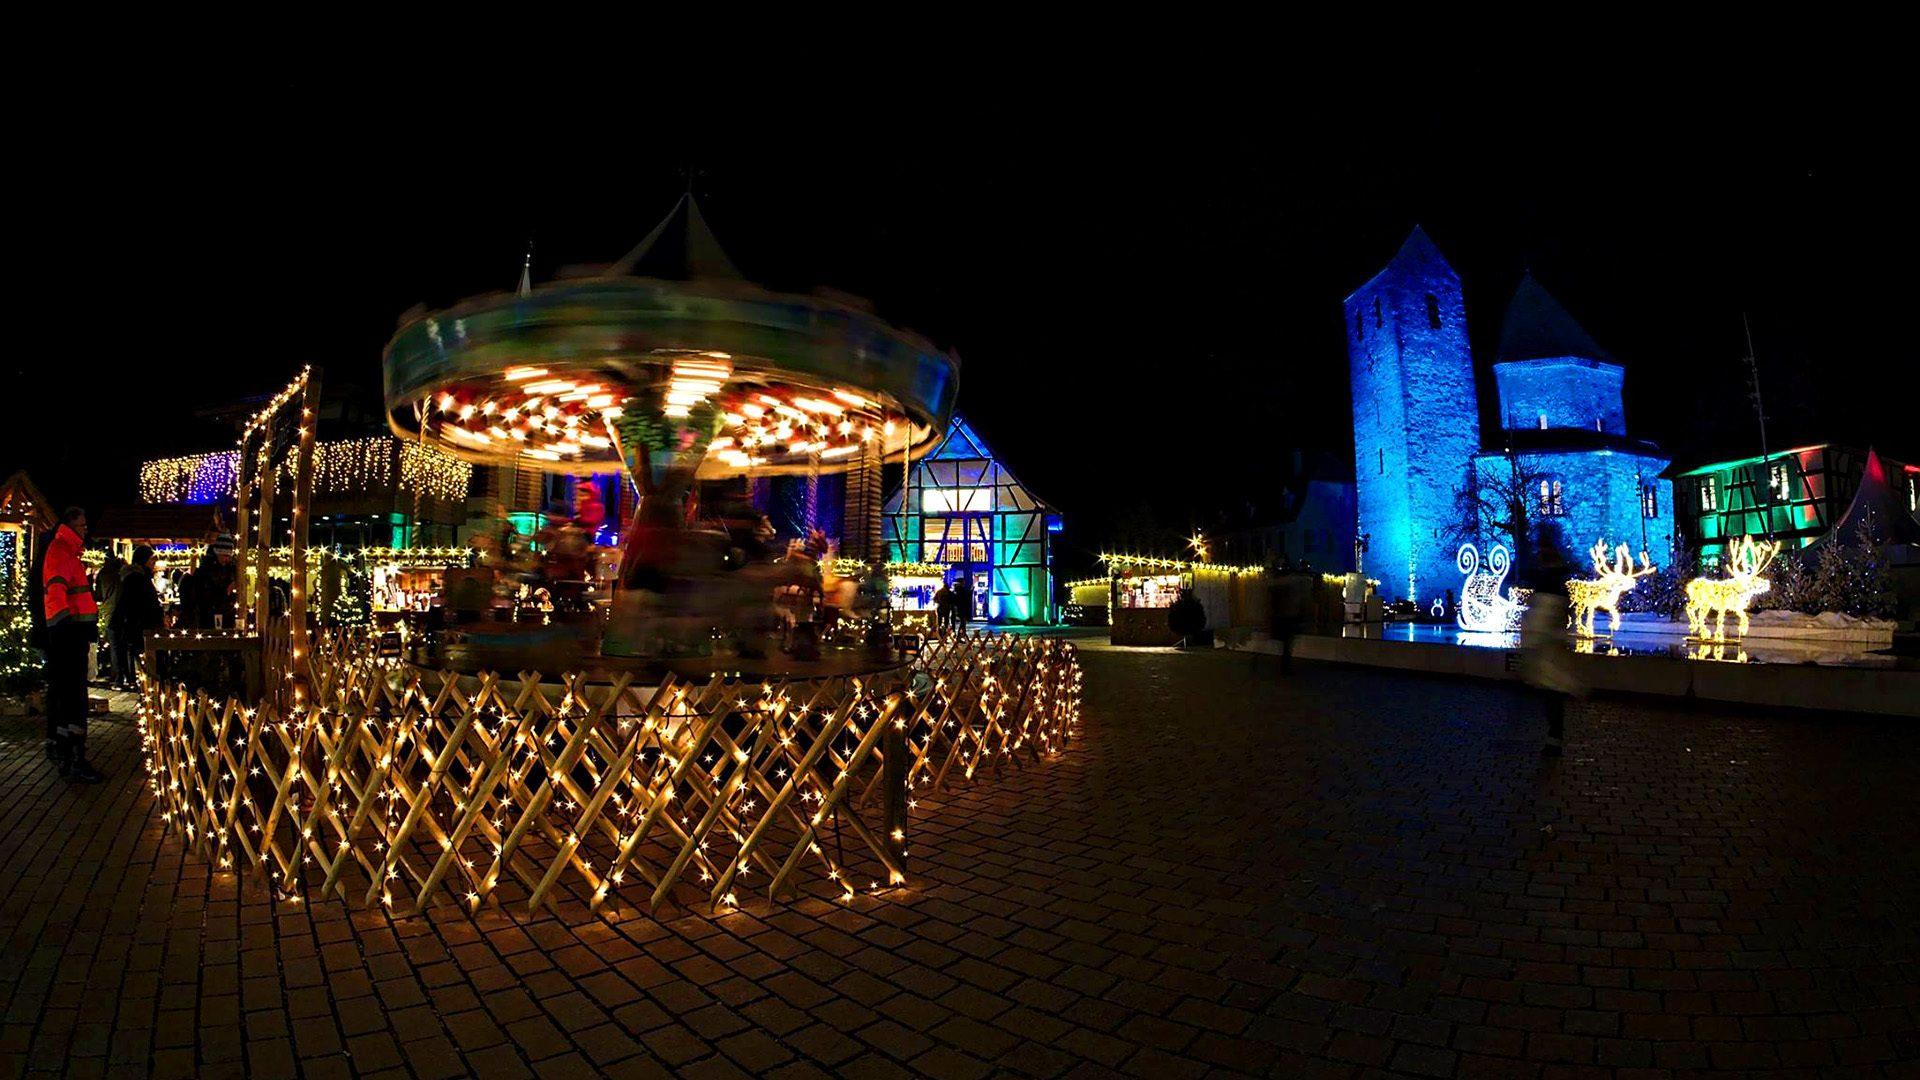 Le marché de Noël d'Ottmarsheim